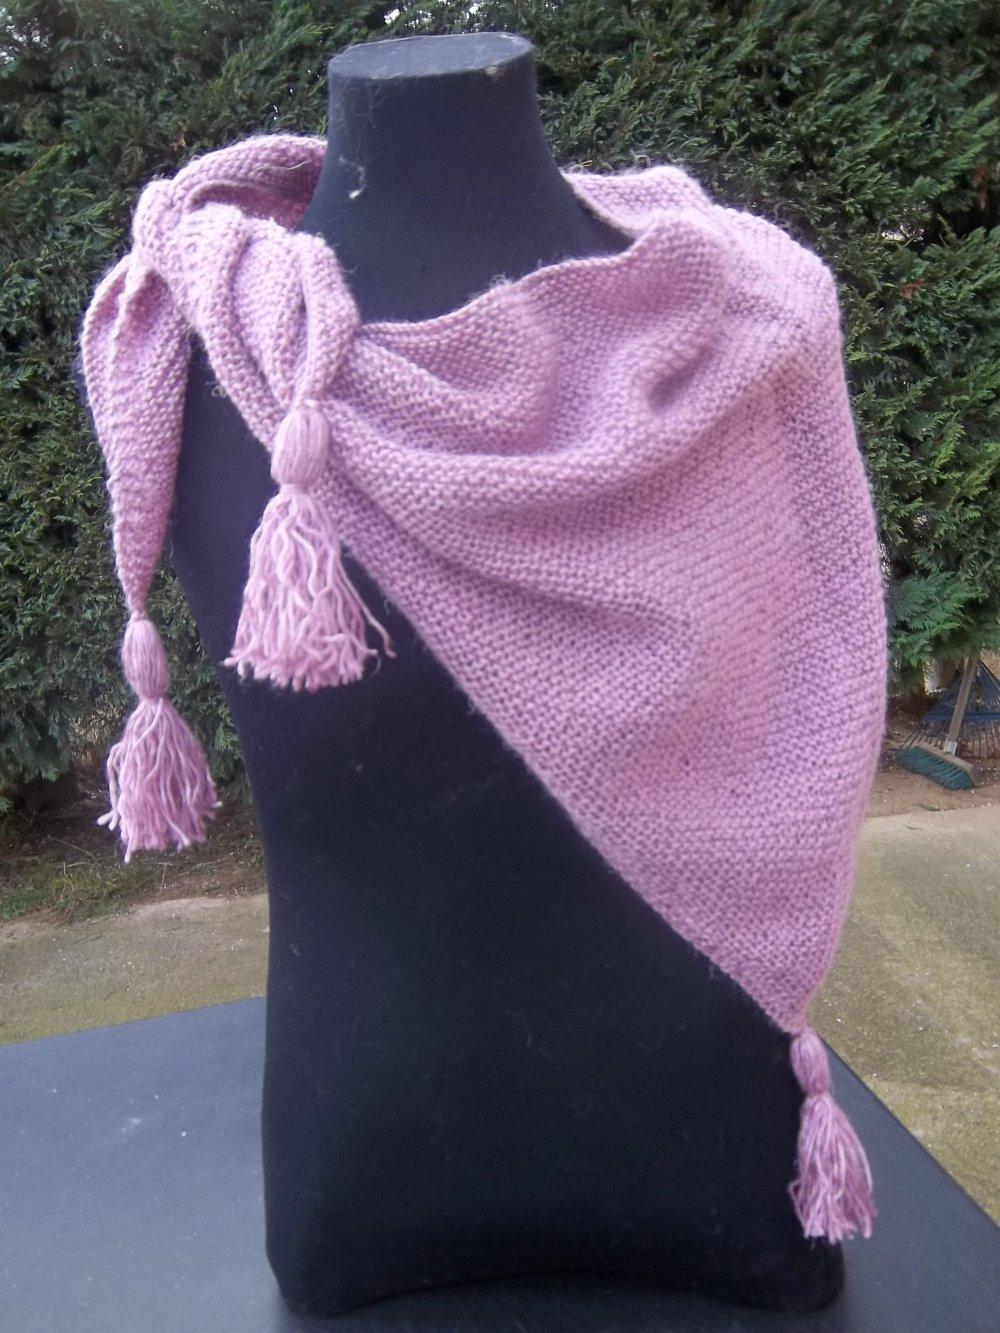 Châle/chèche, couleur rose/vieux rose, point mousse, tricoté main